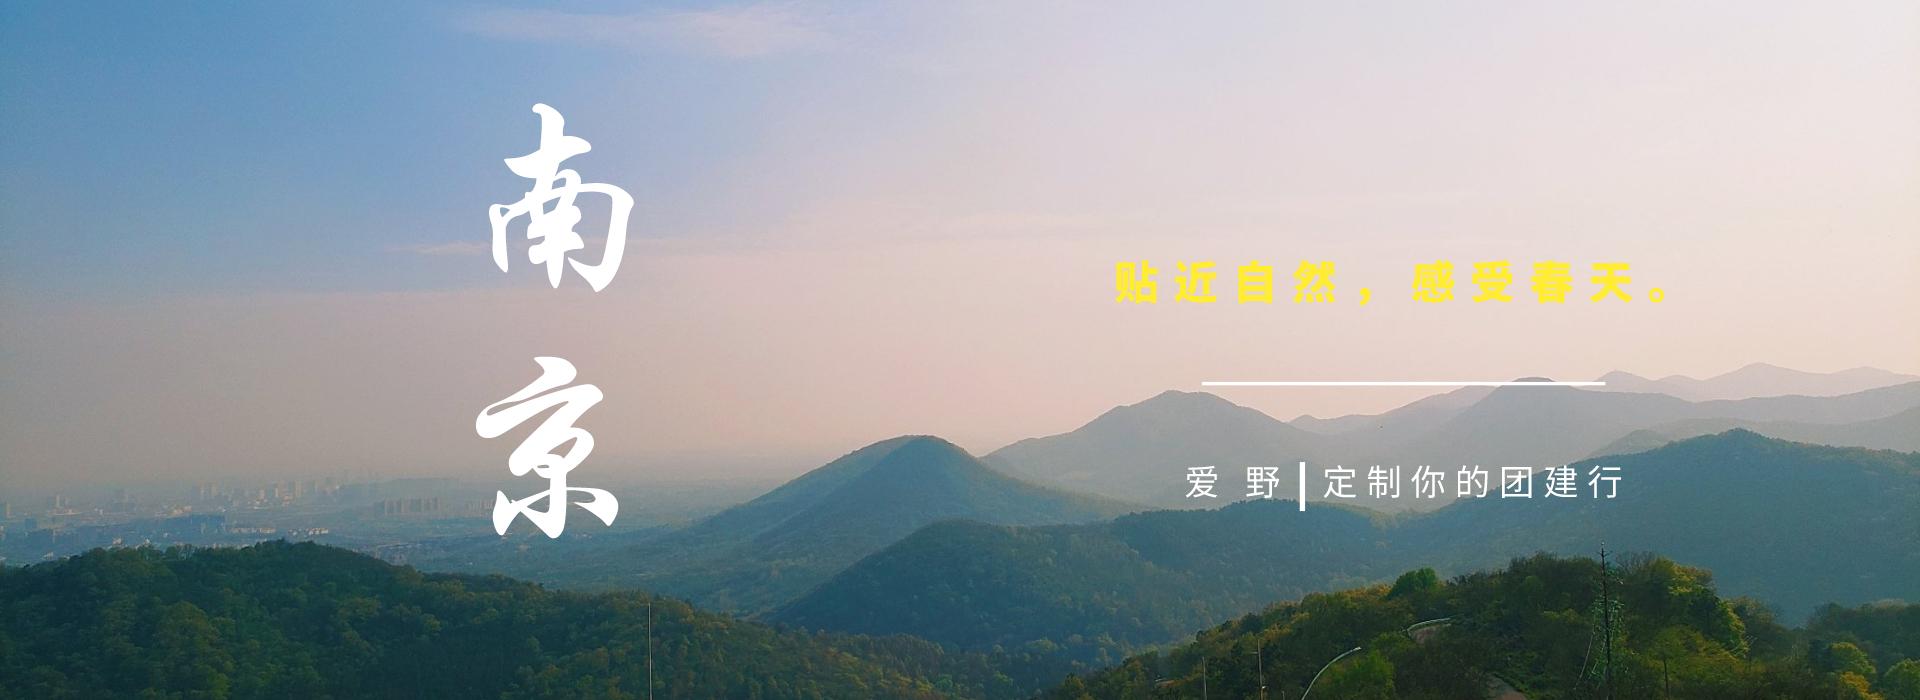 南京的春与你